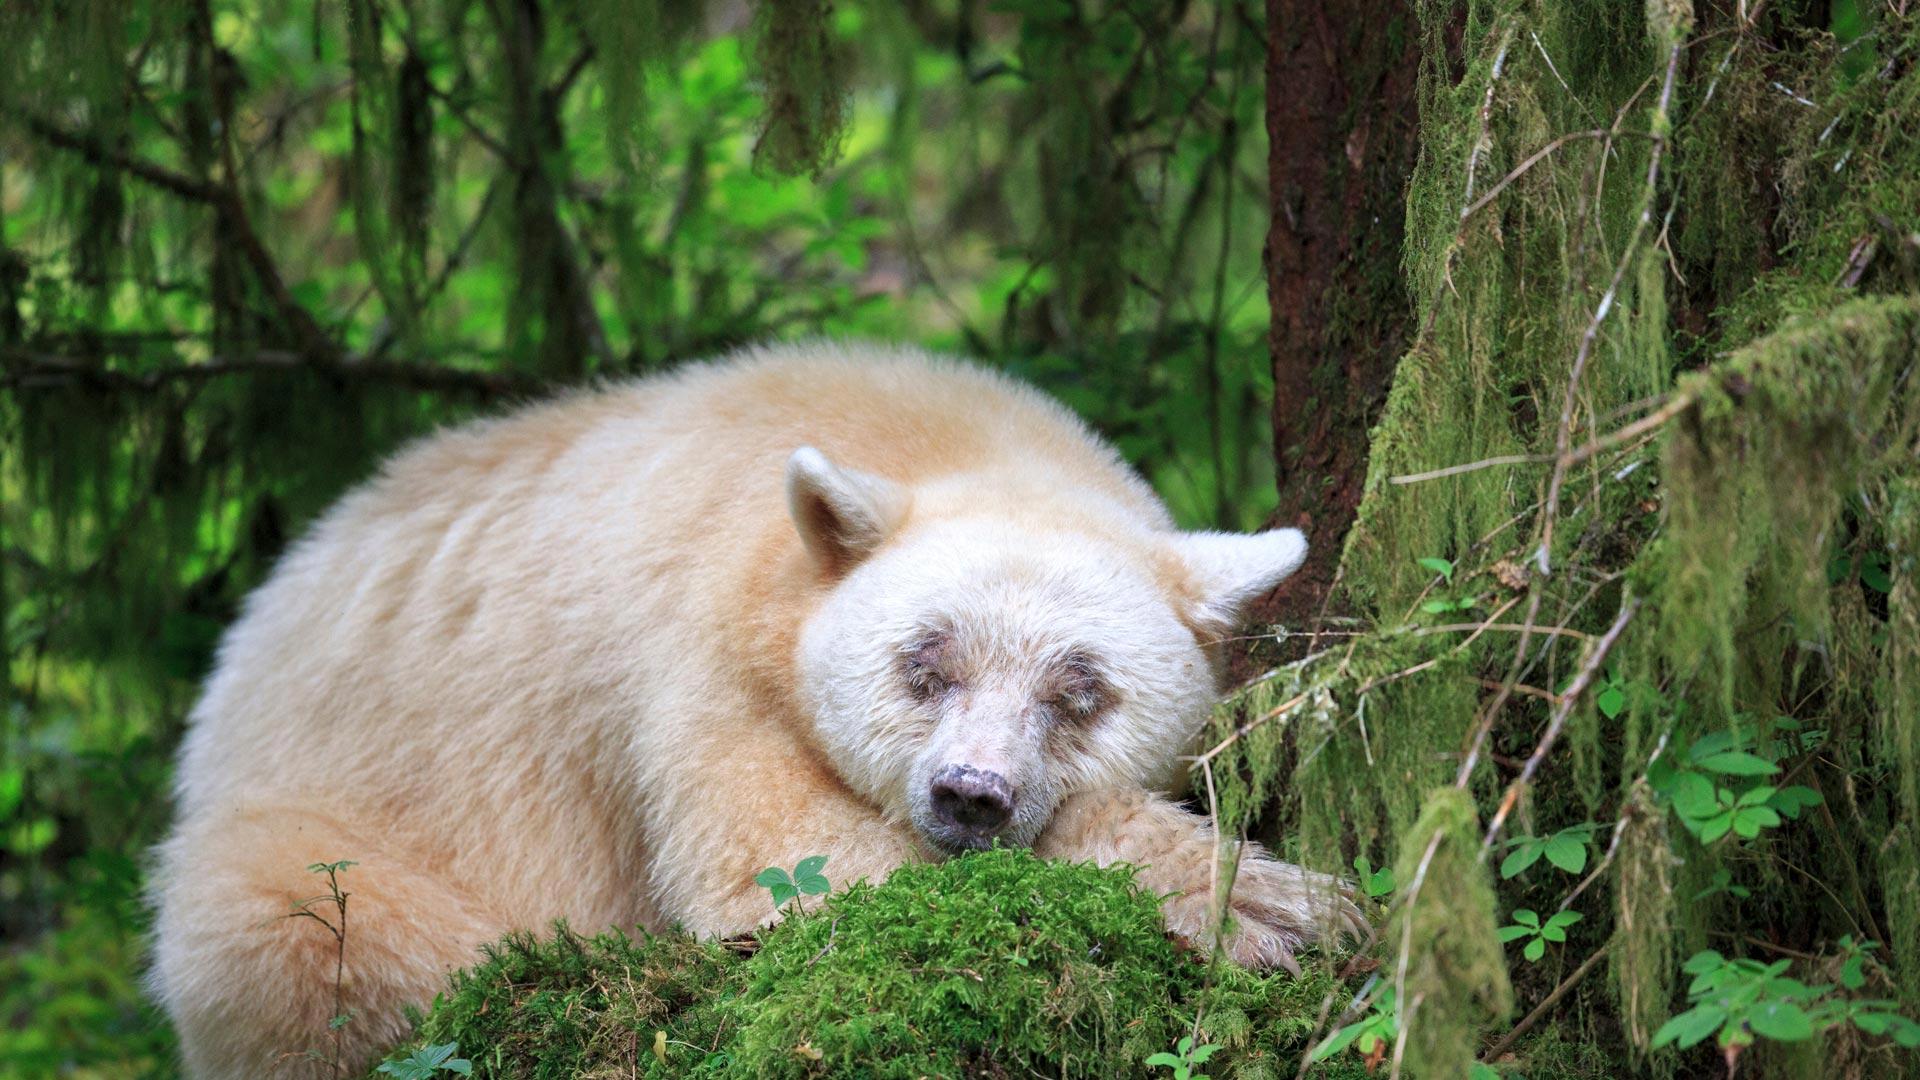 「眠るスピリット・ベア」カナダ, ブリティッシュコロンビア州 (© John E Marriott/SuperStock)